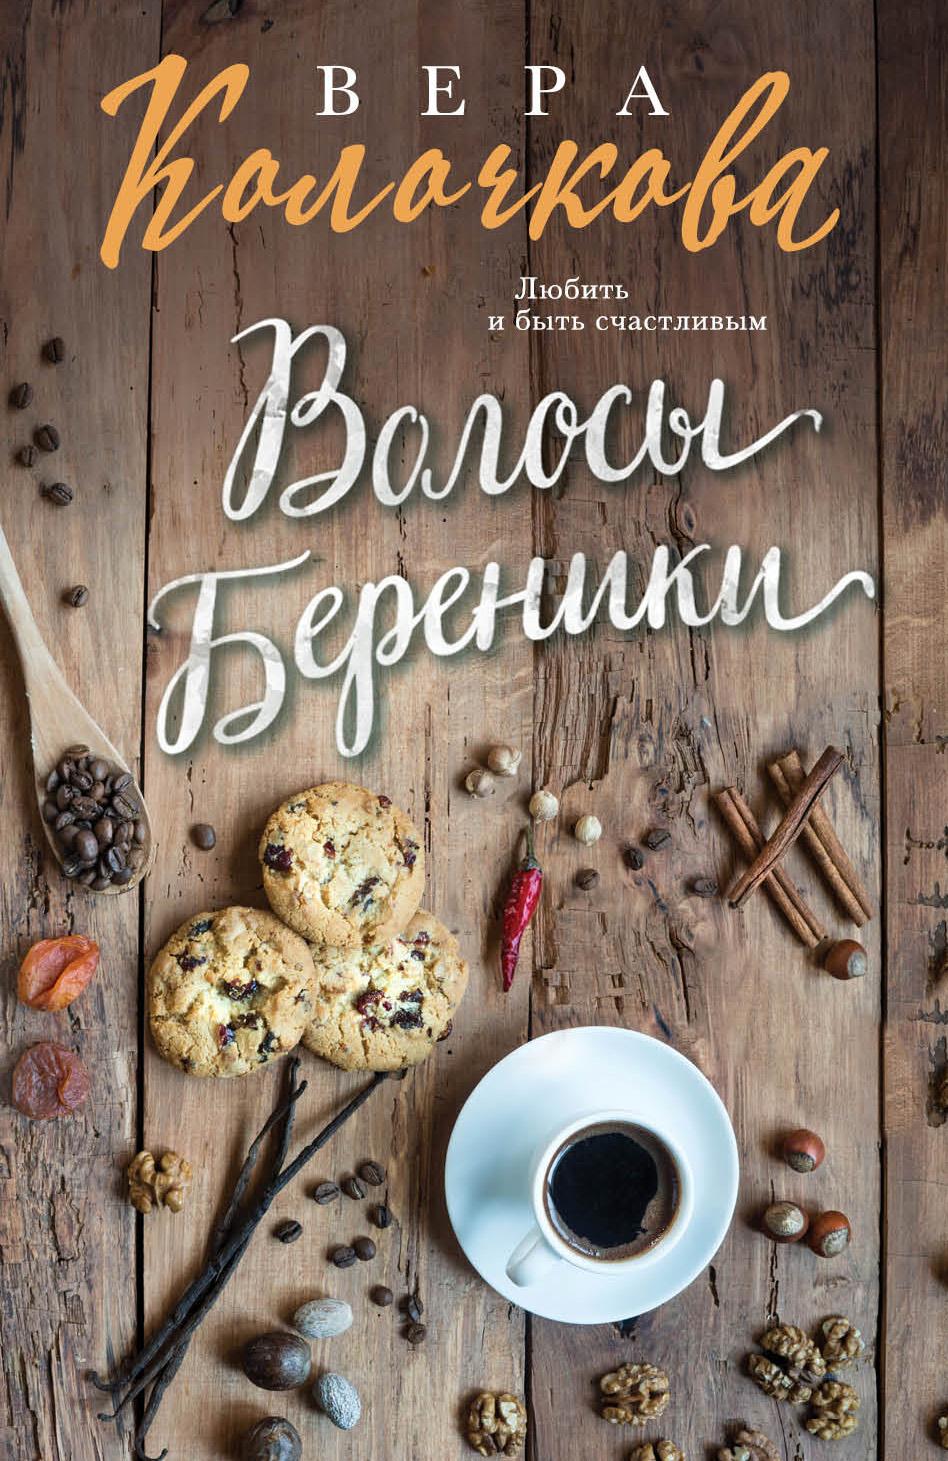 Вера Колочкова Волосы Береники